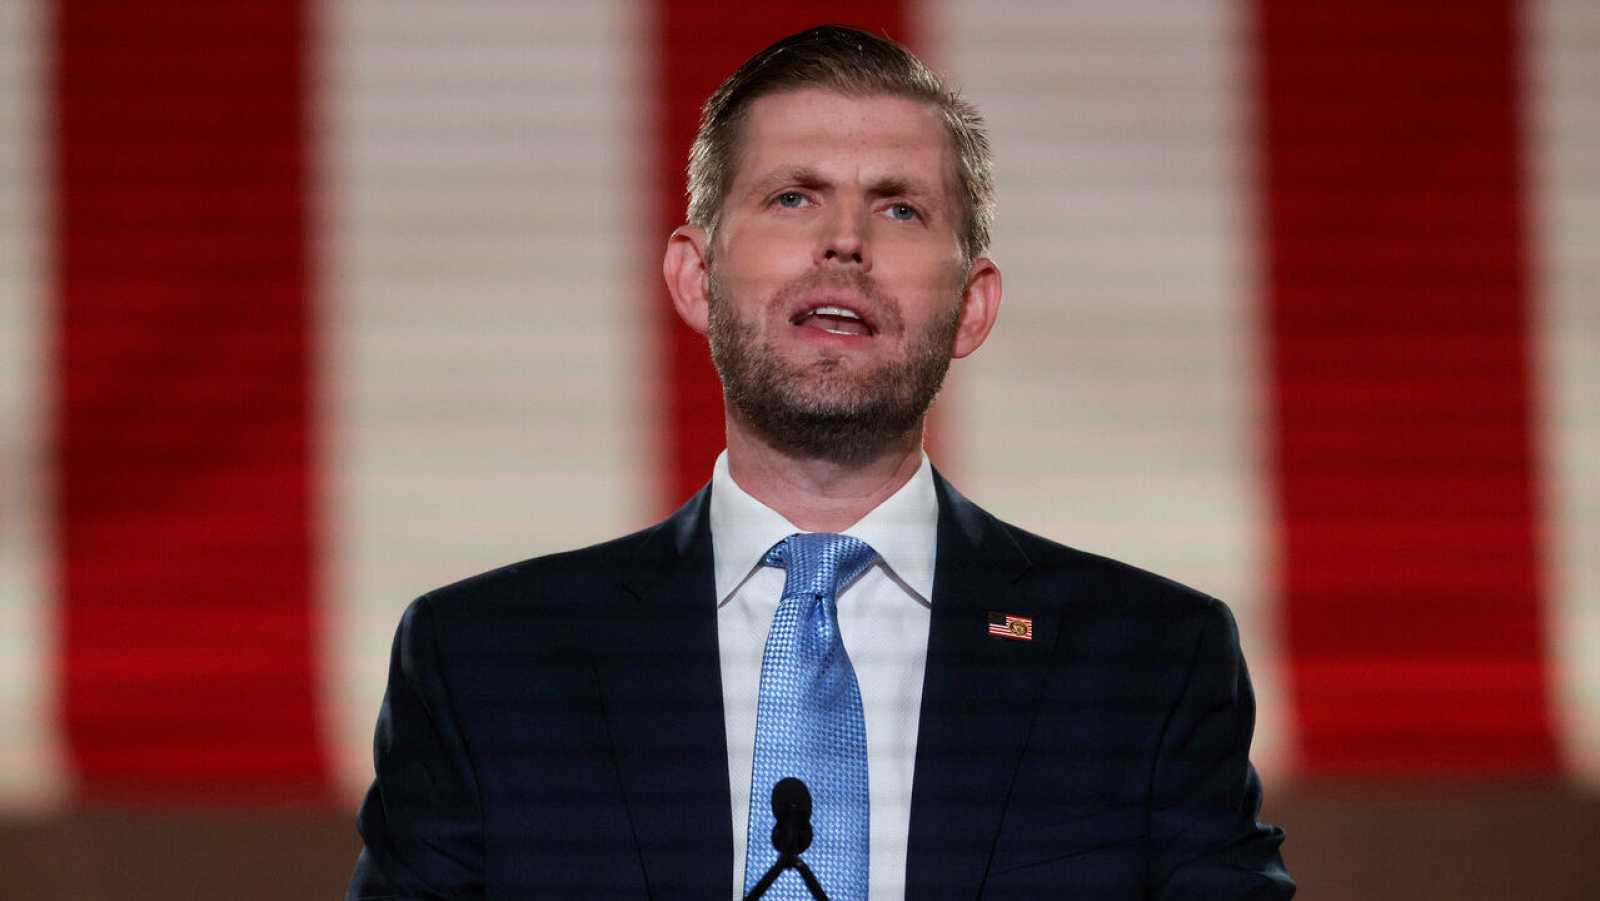 Eric Trump, hijo del presidente de Estados Unidos, Donald Trump, durante su discurso pregrabado en la Convención Nacional Republicana.